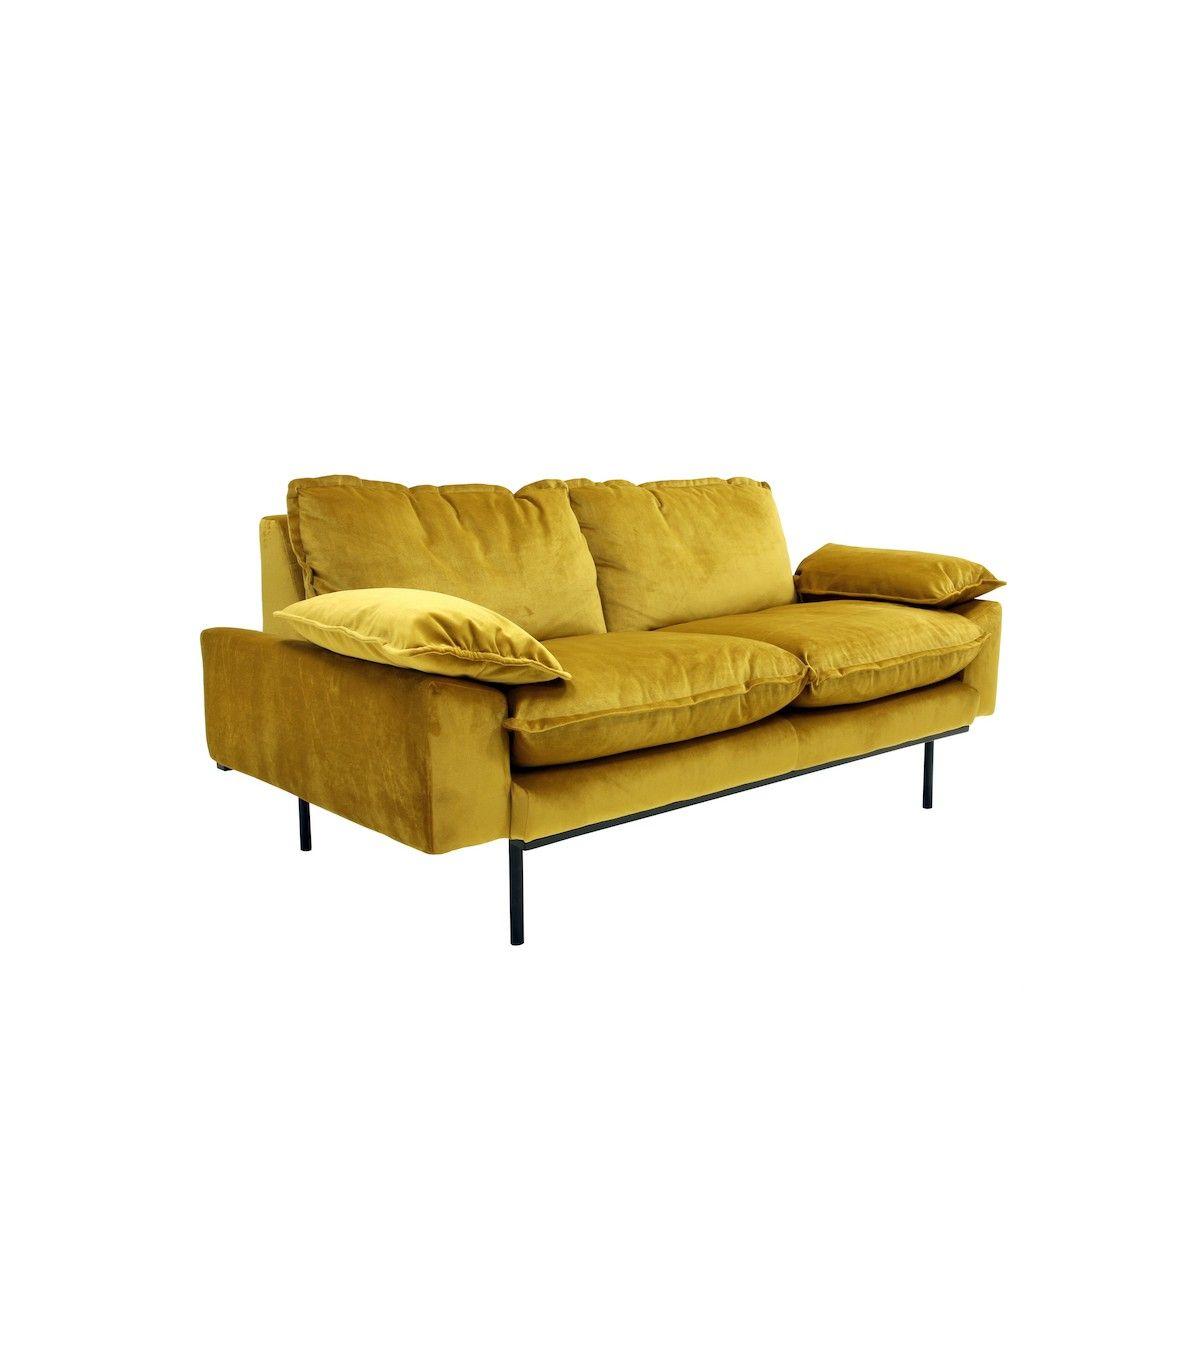 Canap r tro hk living en velours moutarde pied en m tal noir hk living ce canap chaleureux - Canape tres confortable ...